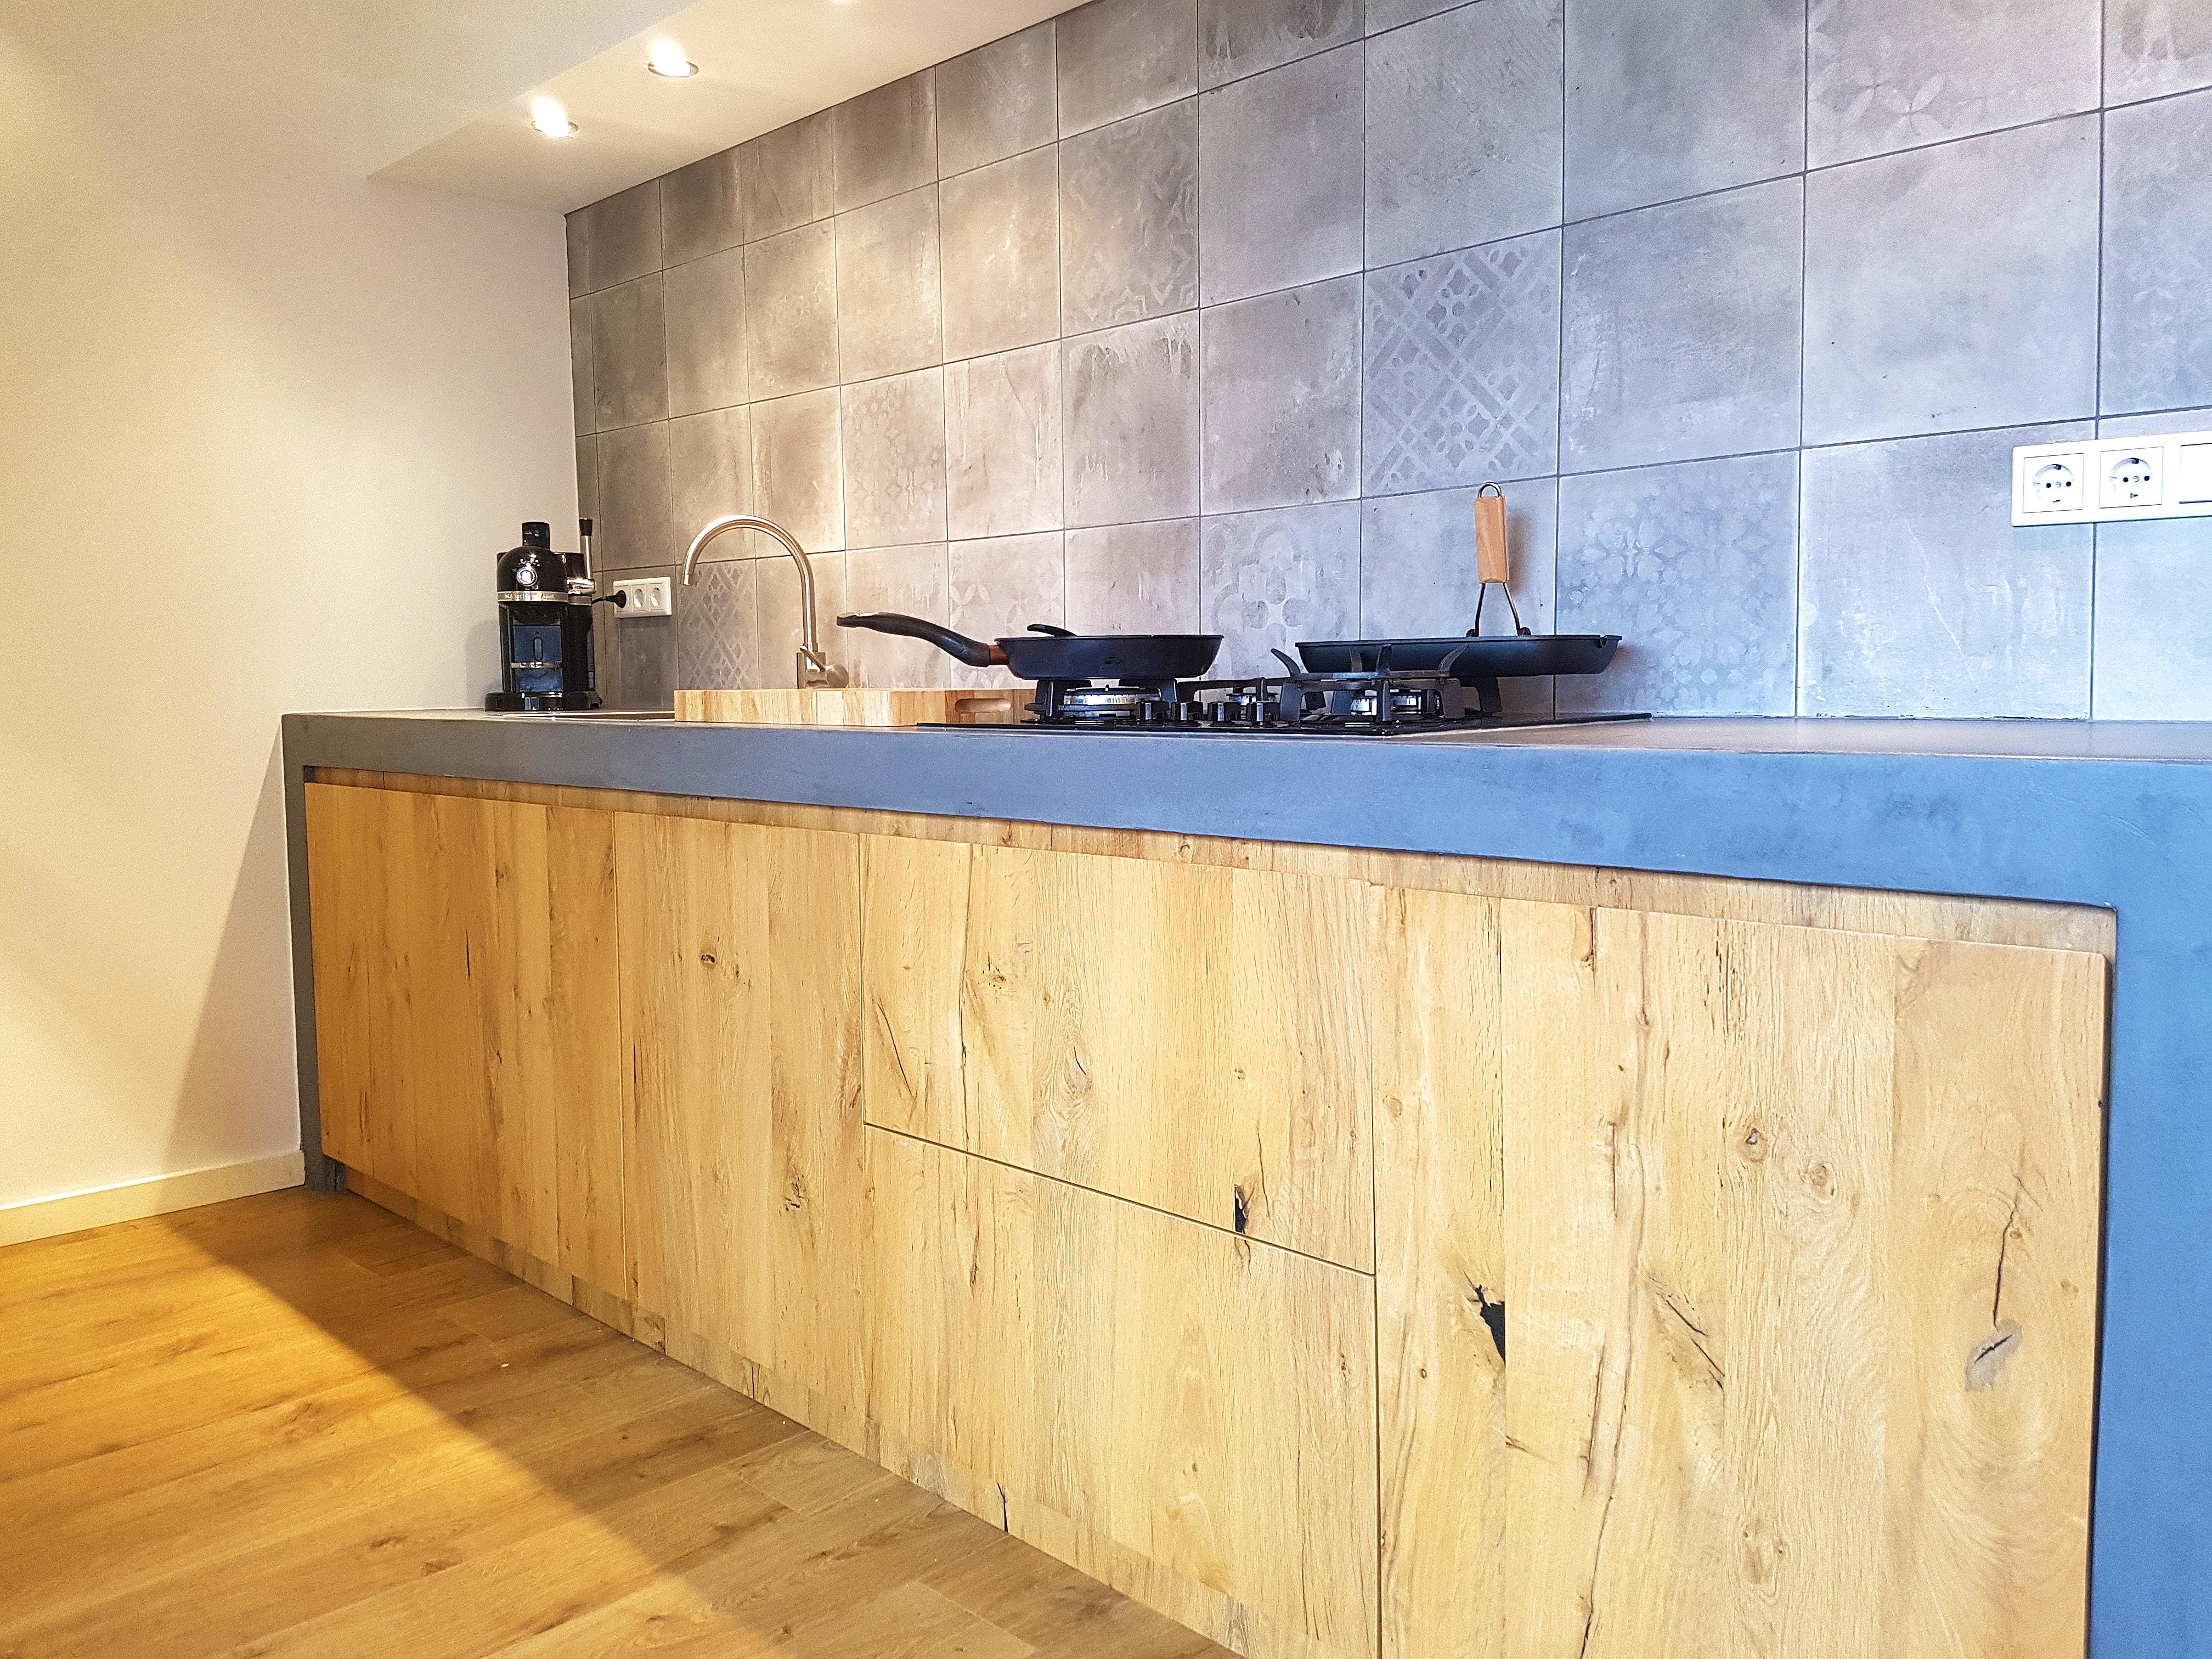 Keuken Met Beton : Beton cire keuken beton ciré centrum